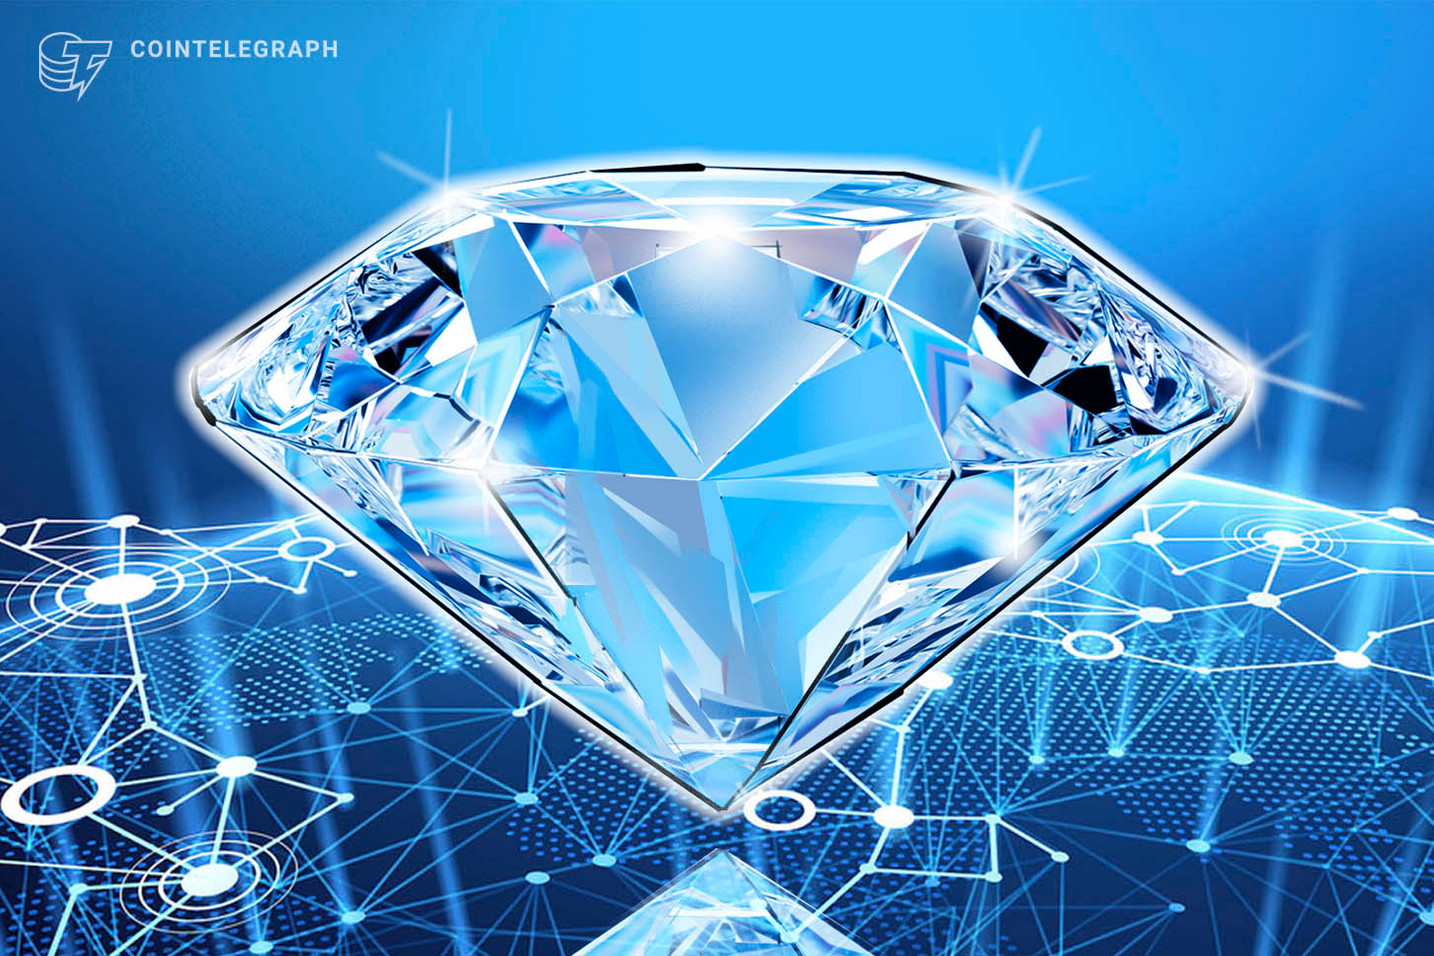 紛争ダイヤモンド追跡で業界最大手アルロサがデビアスのブロックチェーンプロジェクトに参加